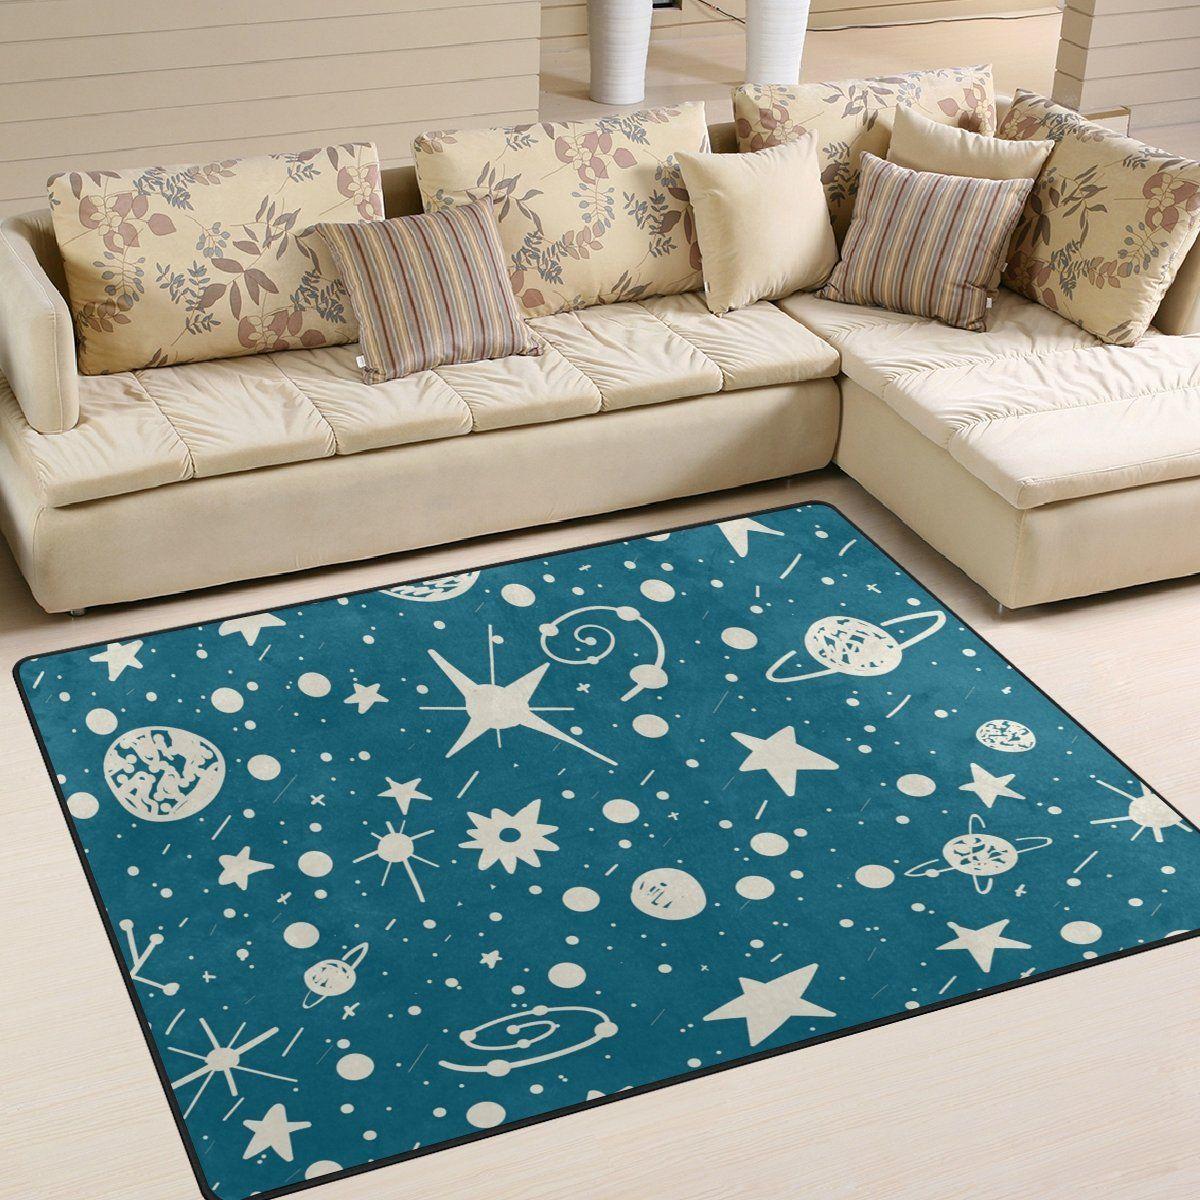 Teppich mit Sternen und Planeten - toll für ein Weltraum ...